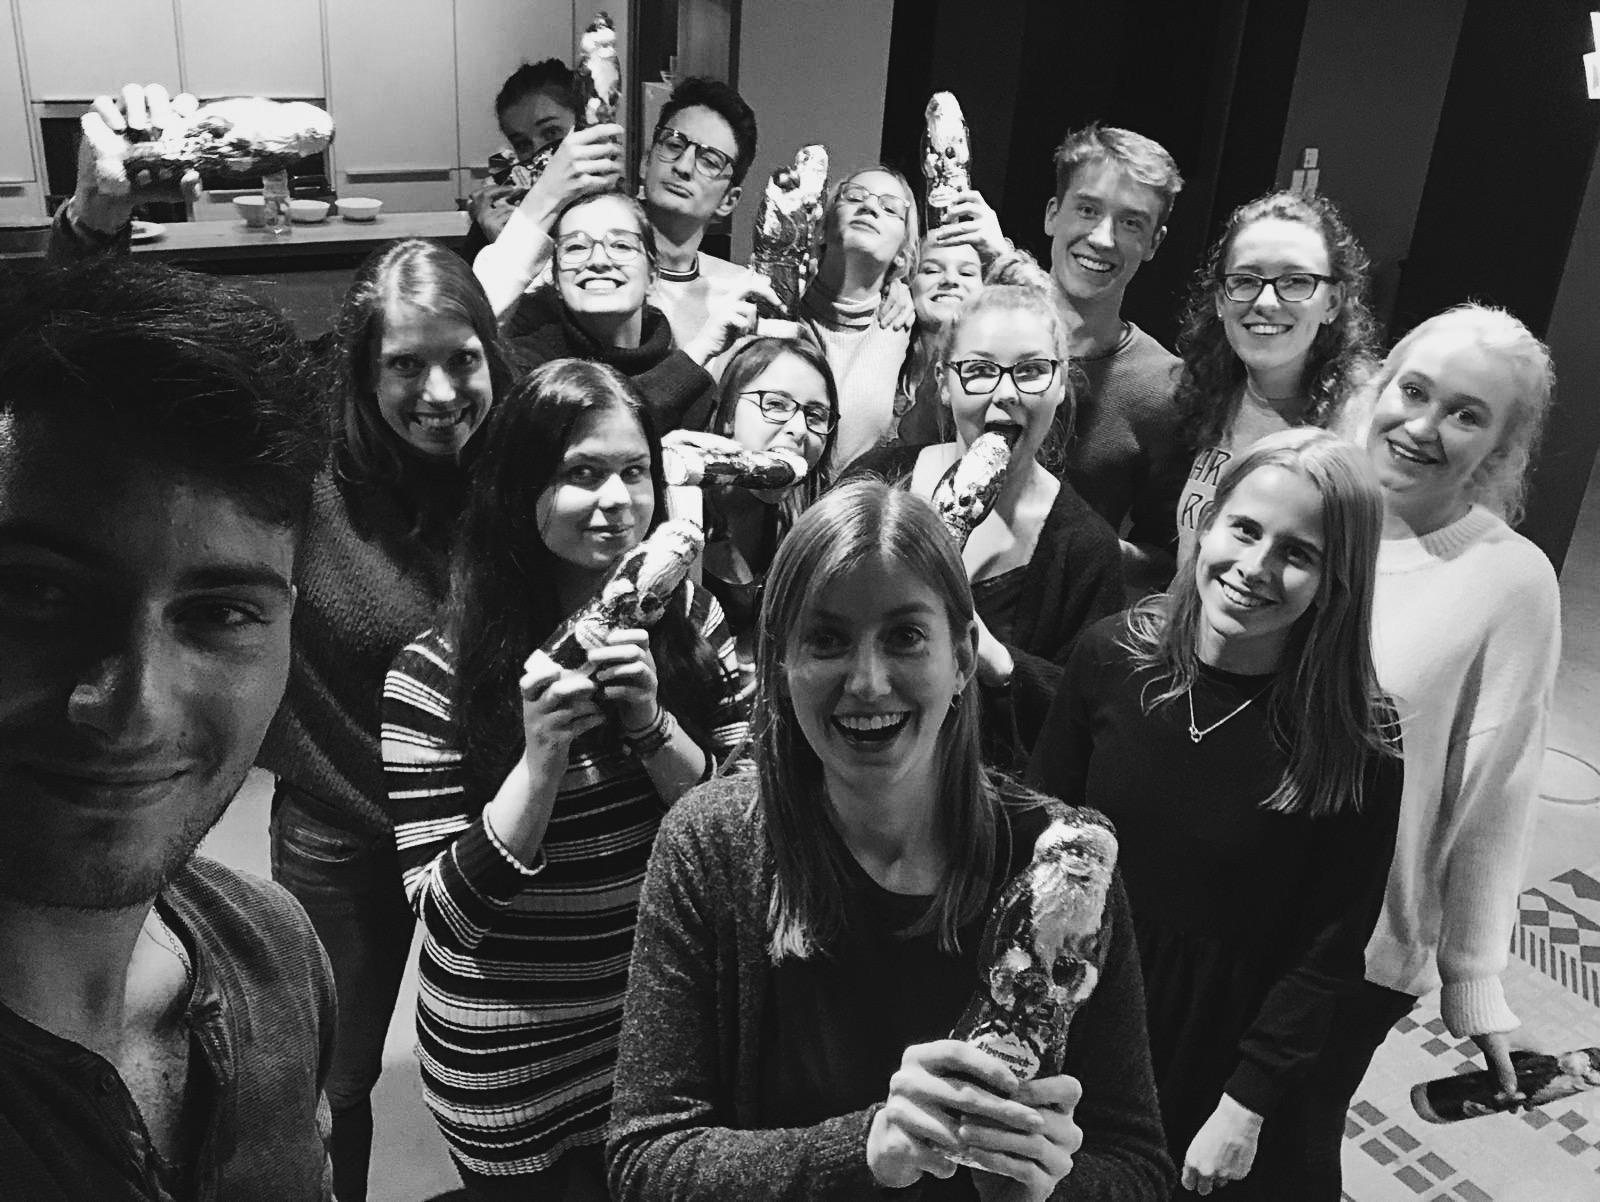 Festliche Weihnachtsstimmung bei der Omnicom Media Group Hamburg